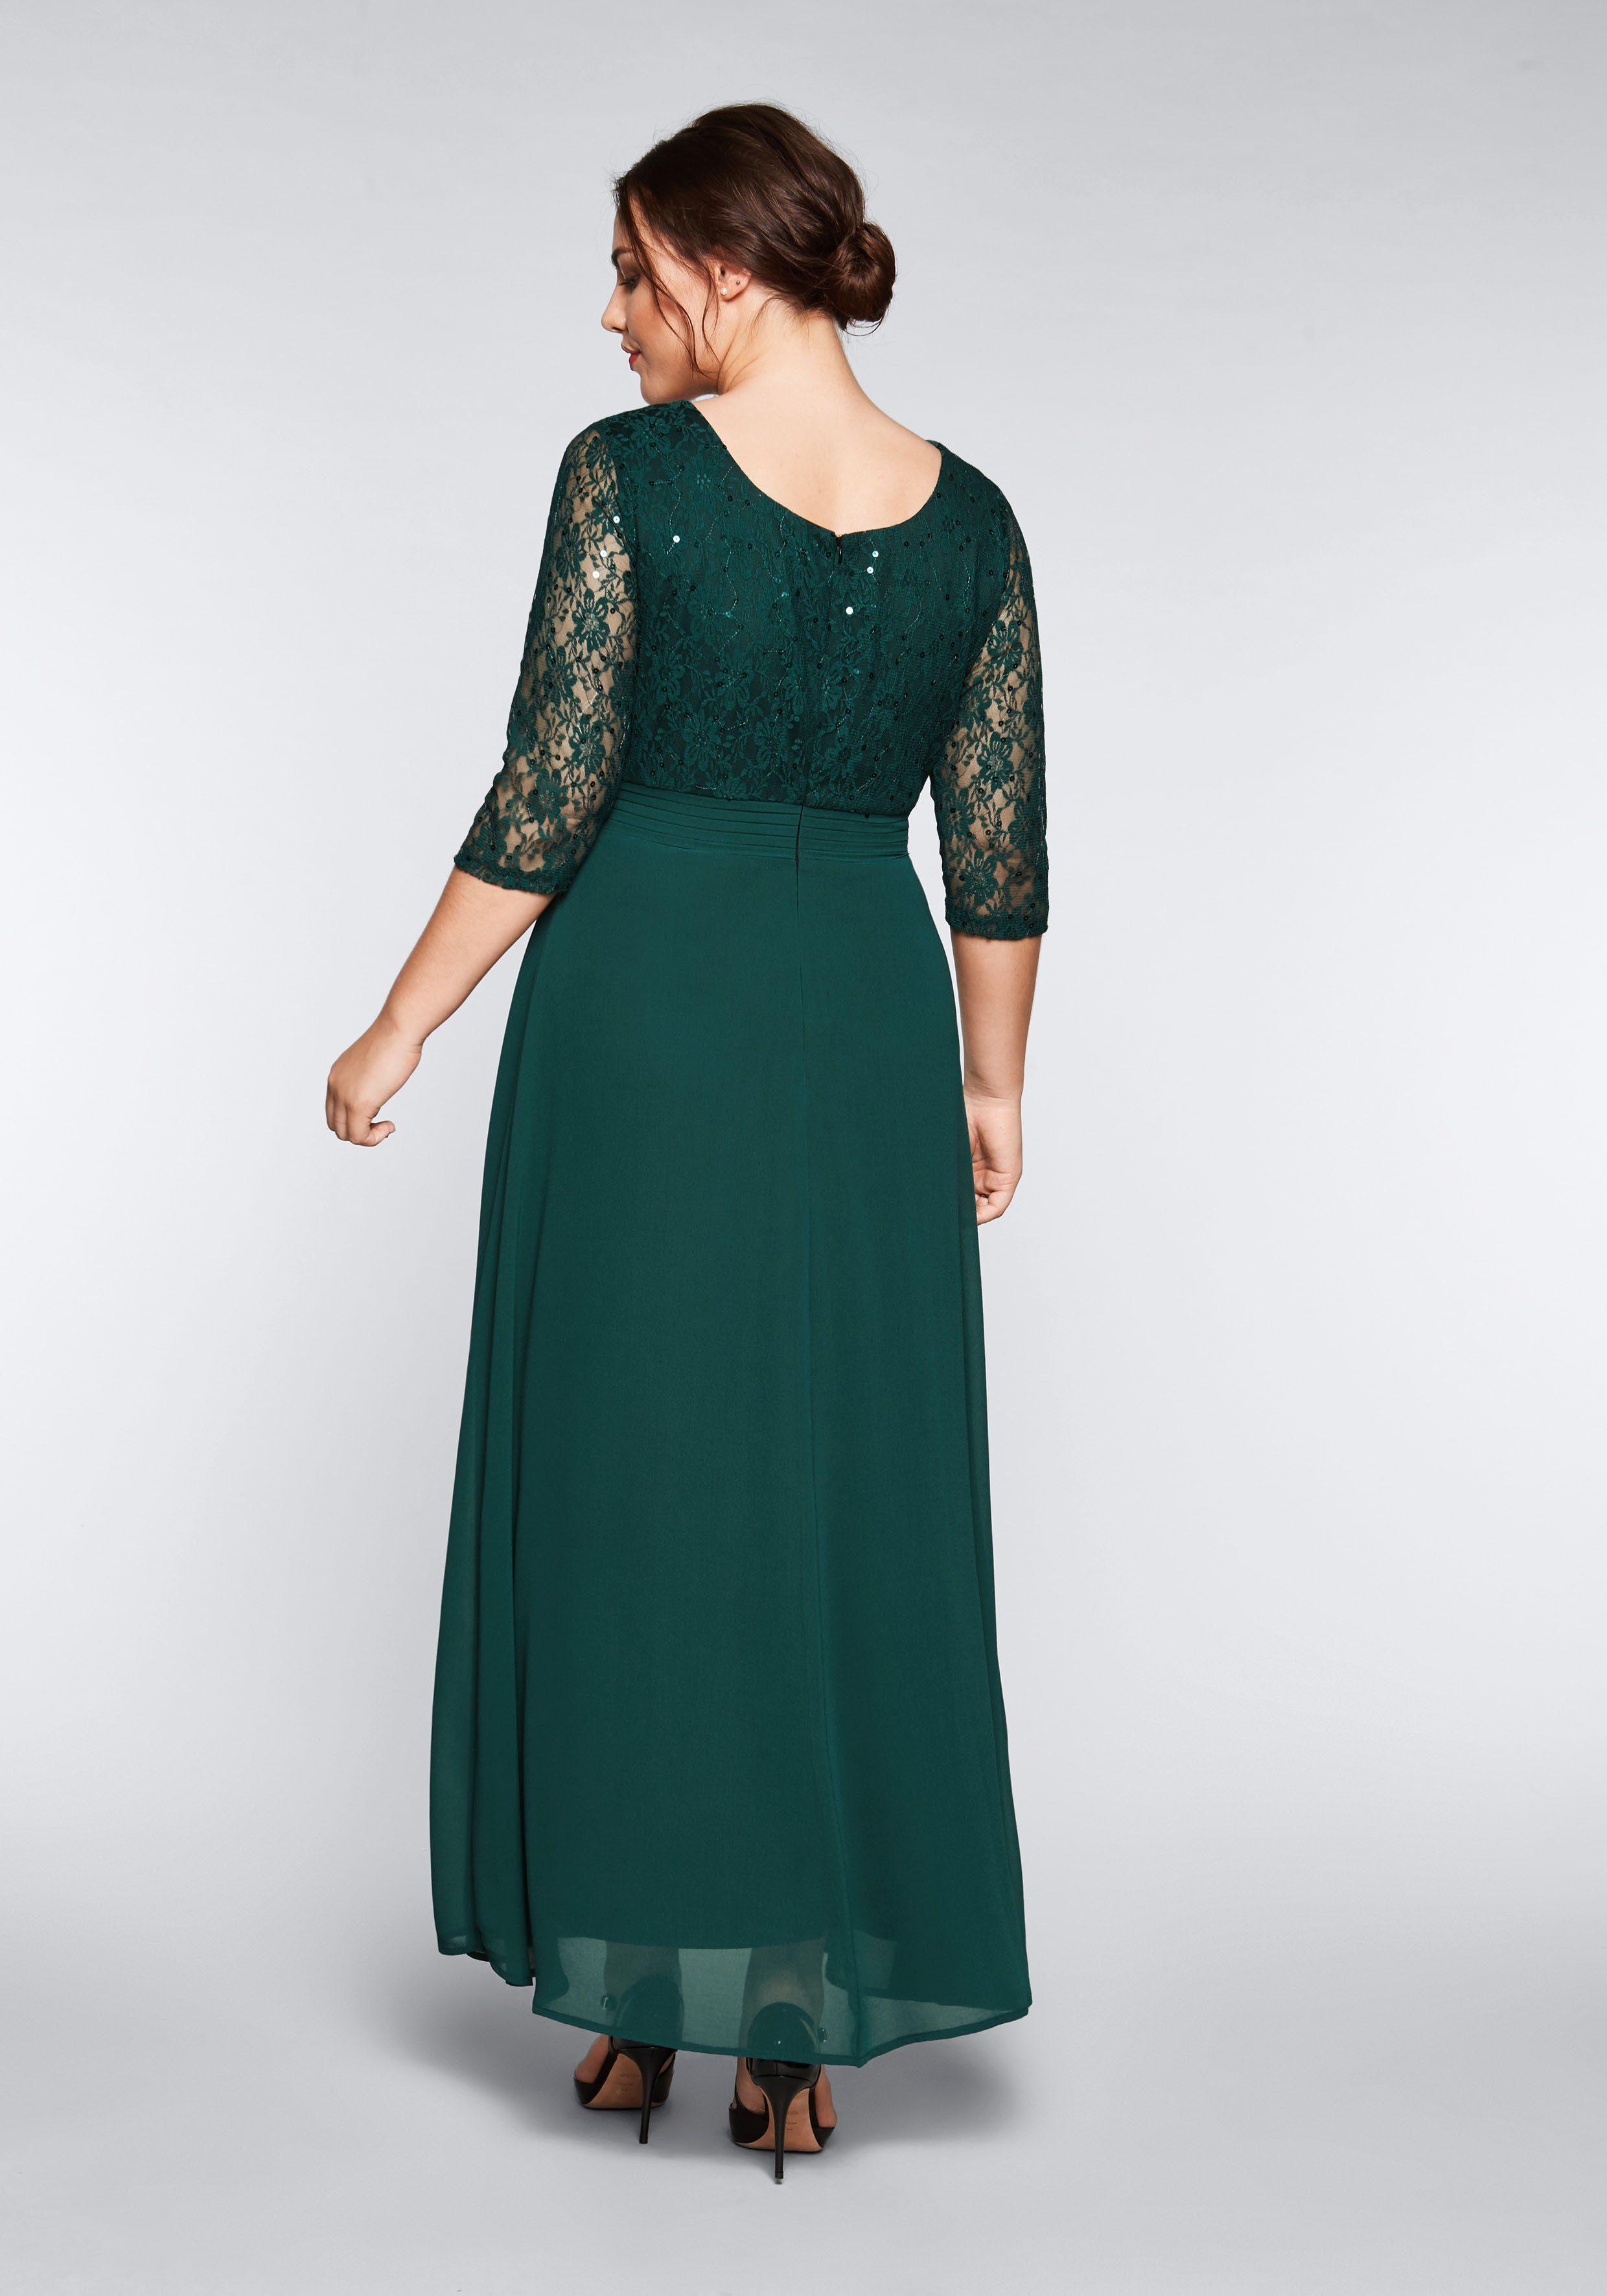 Sheego Abendkleid grün Damen Abendkleider Kleider